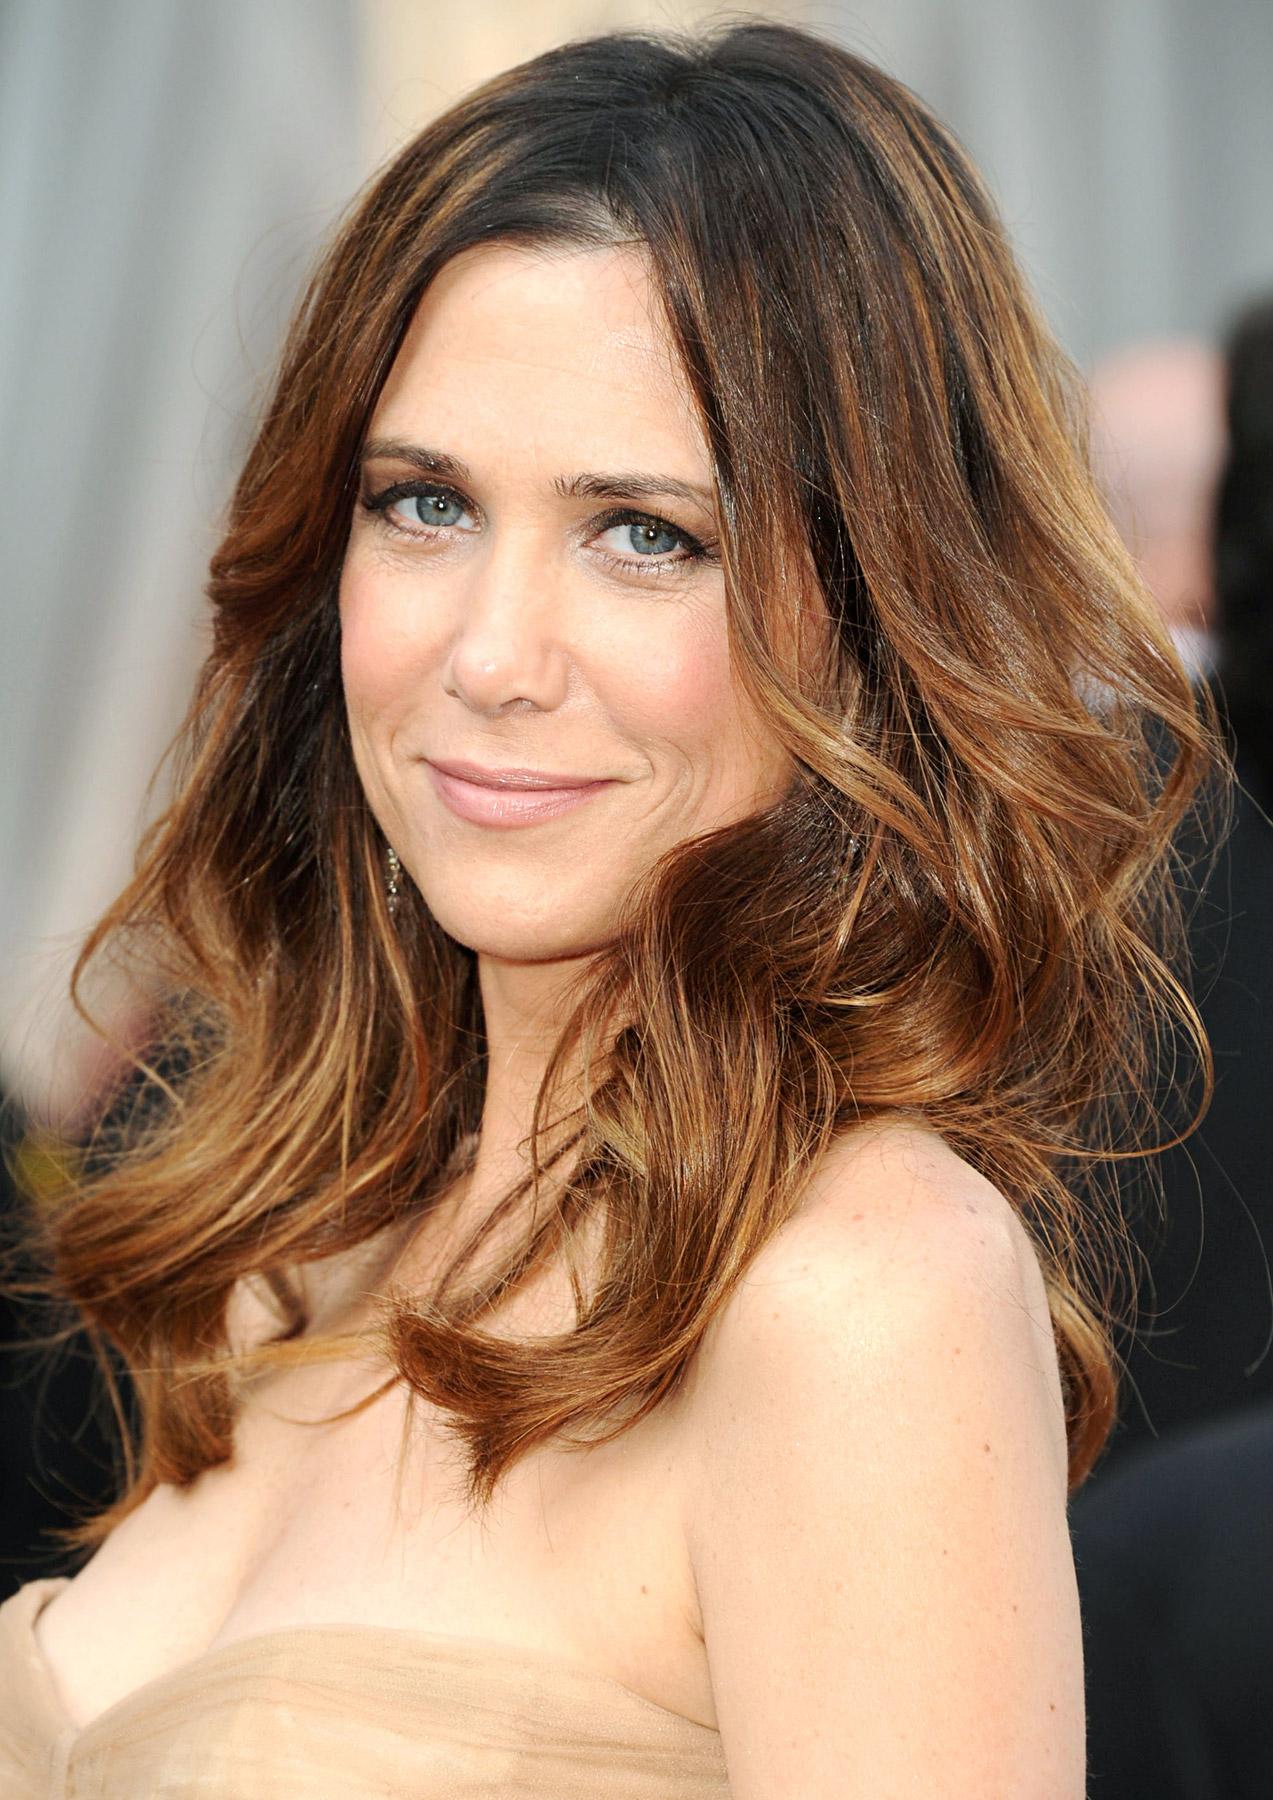 TV Actress Kristen Wiig - age: 43